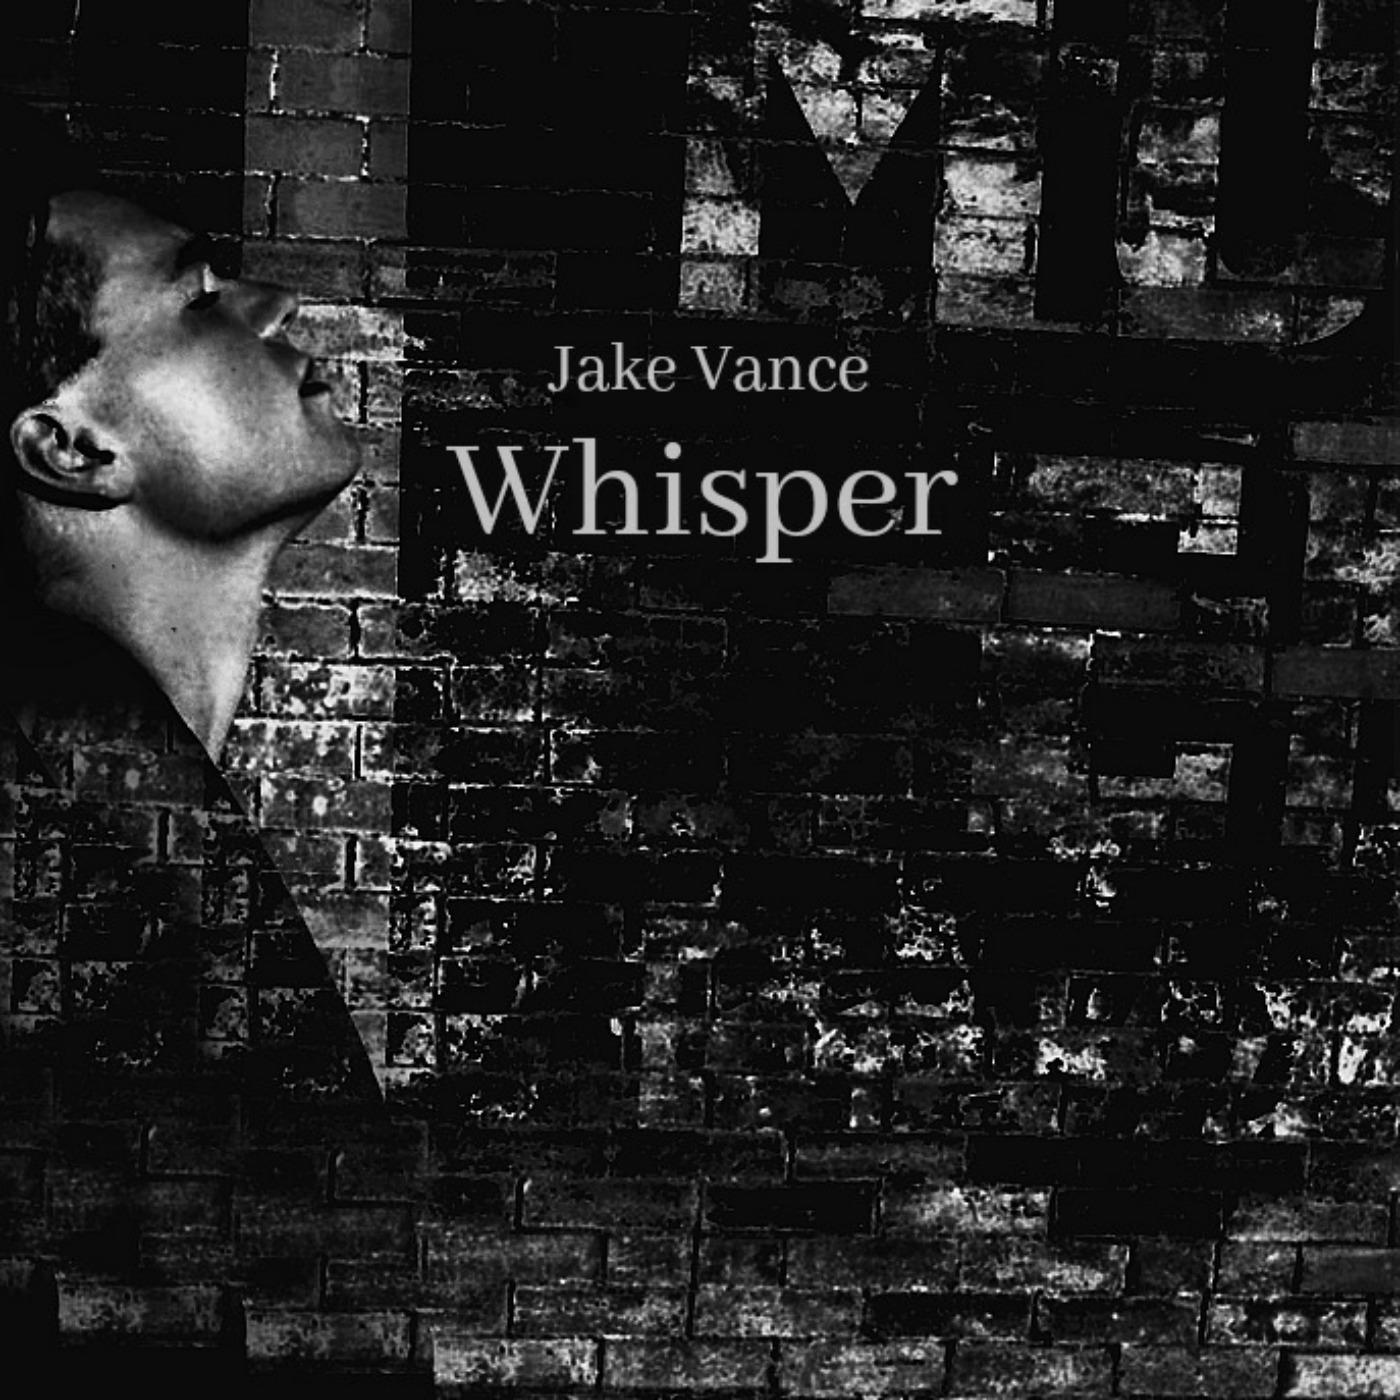 whisper (687x687).jpg